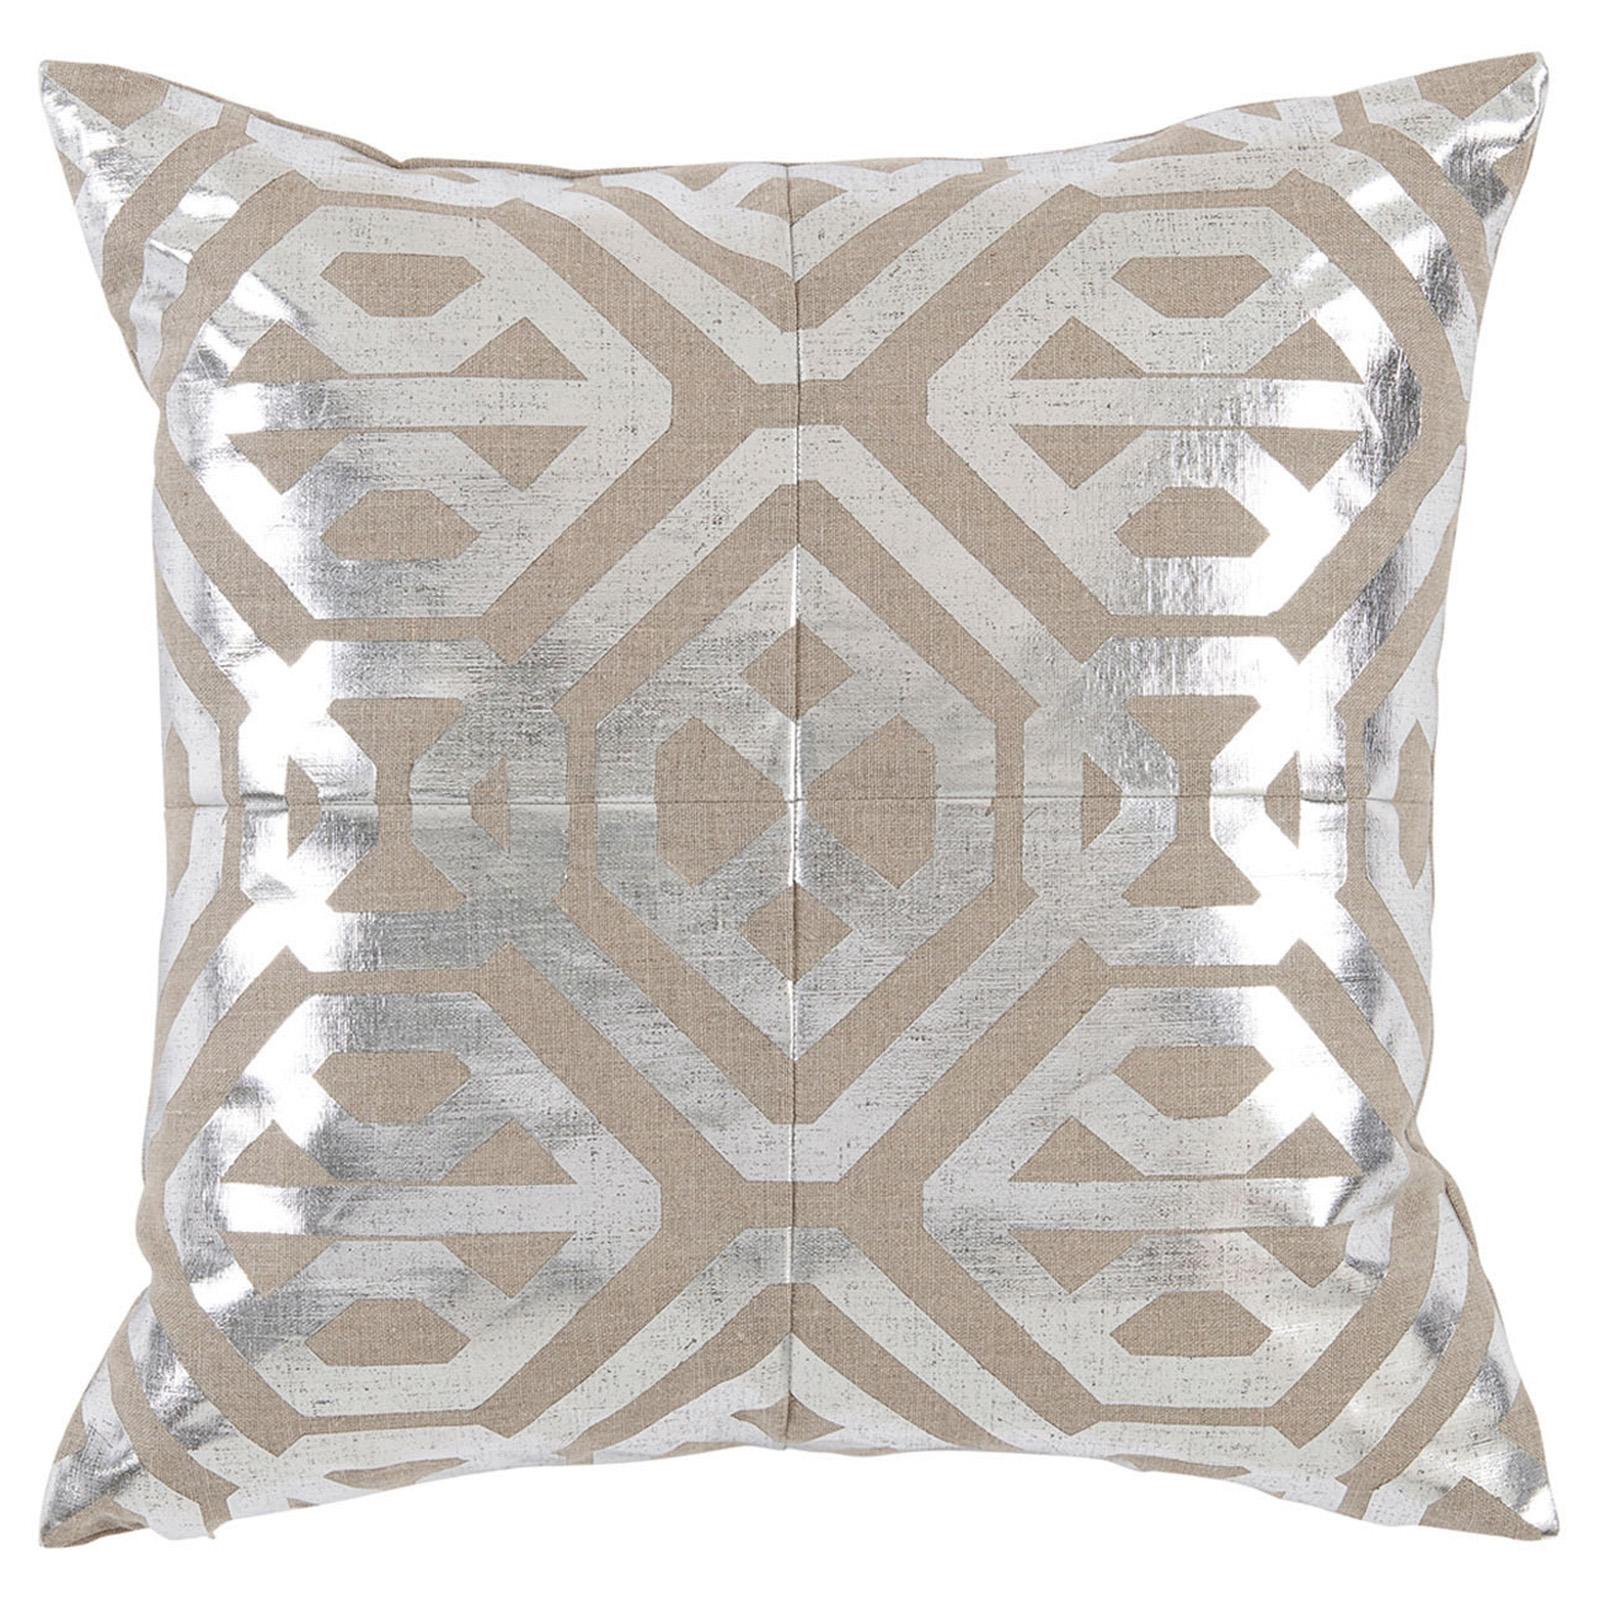 Kelly Regency Metallic Silver Geometric Beige Pillow - 20x20